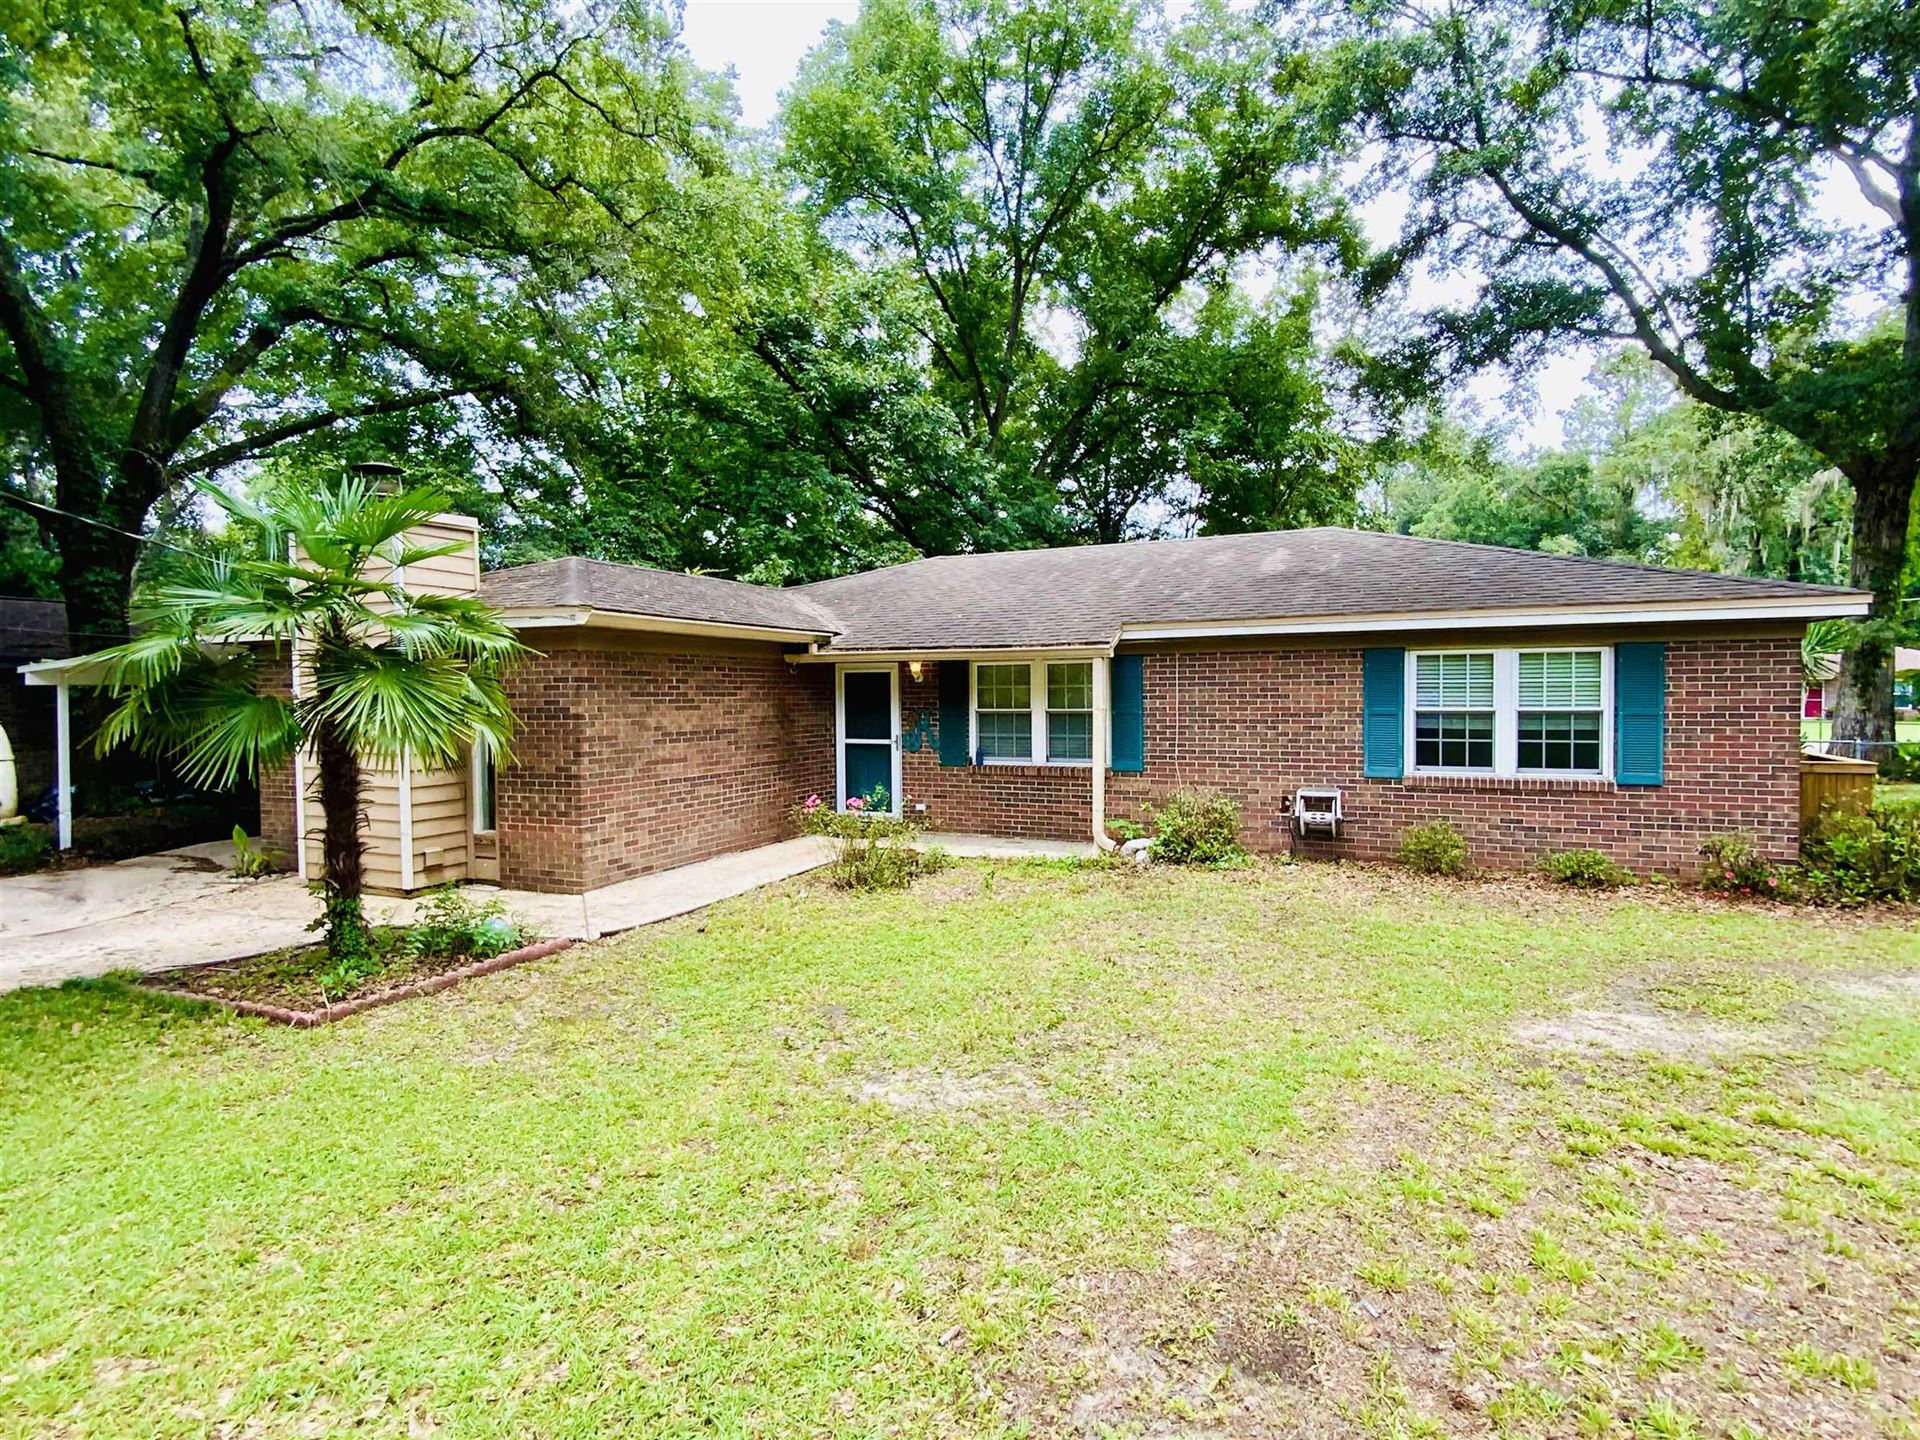 3600 Wood Hill Drive, Tallahassee, FL 32303 - MLS#: 335446